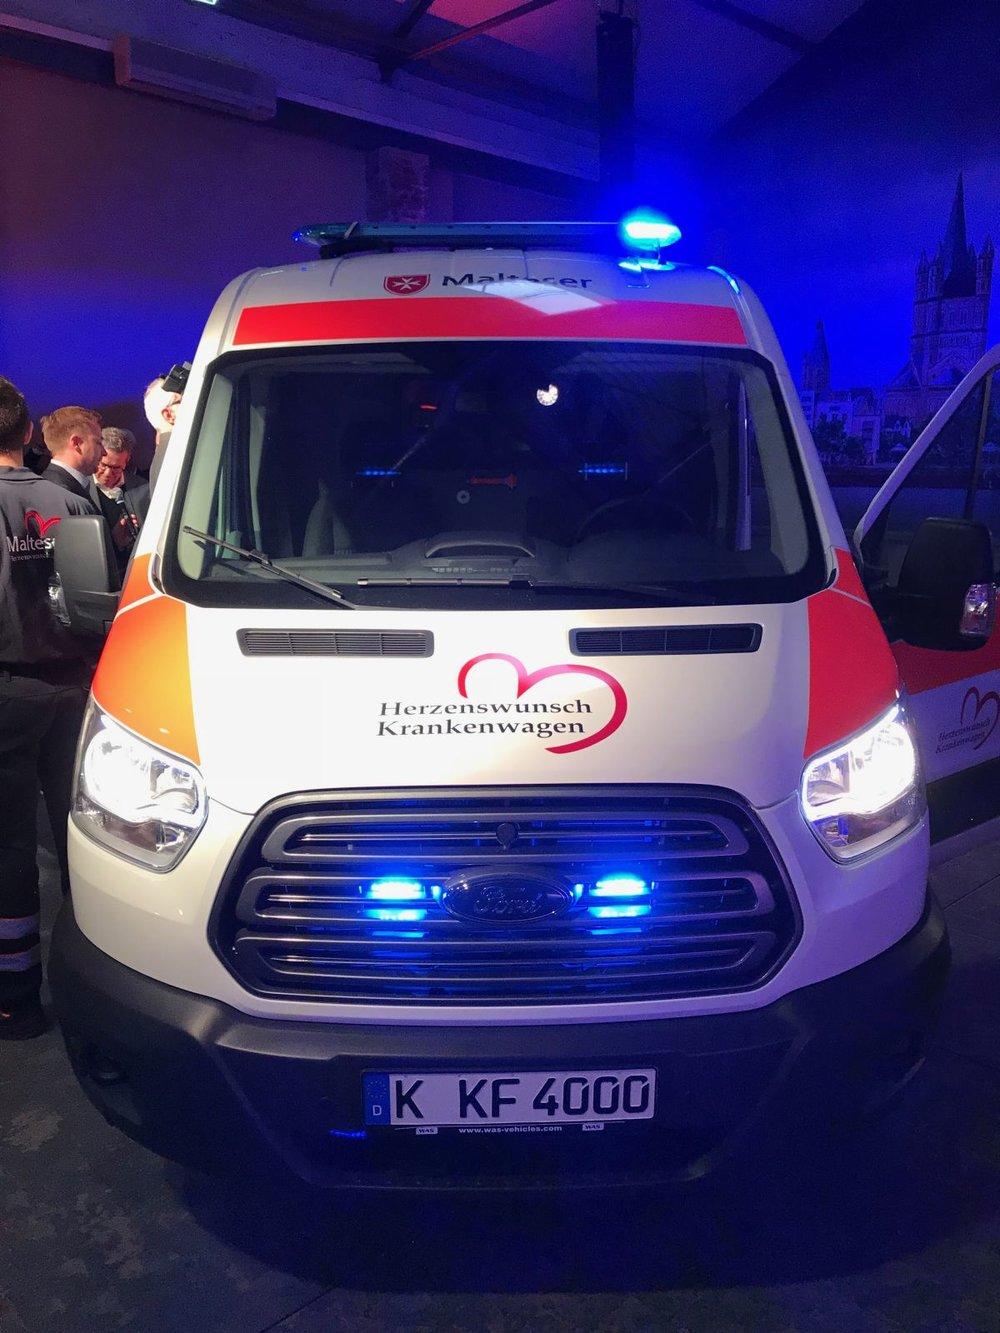 02_Der neue Herzenswunsch Krankenwagen.jpg